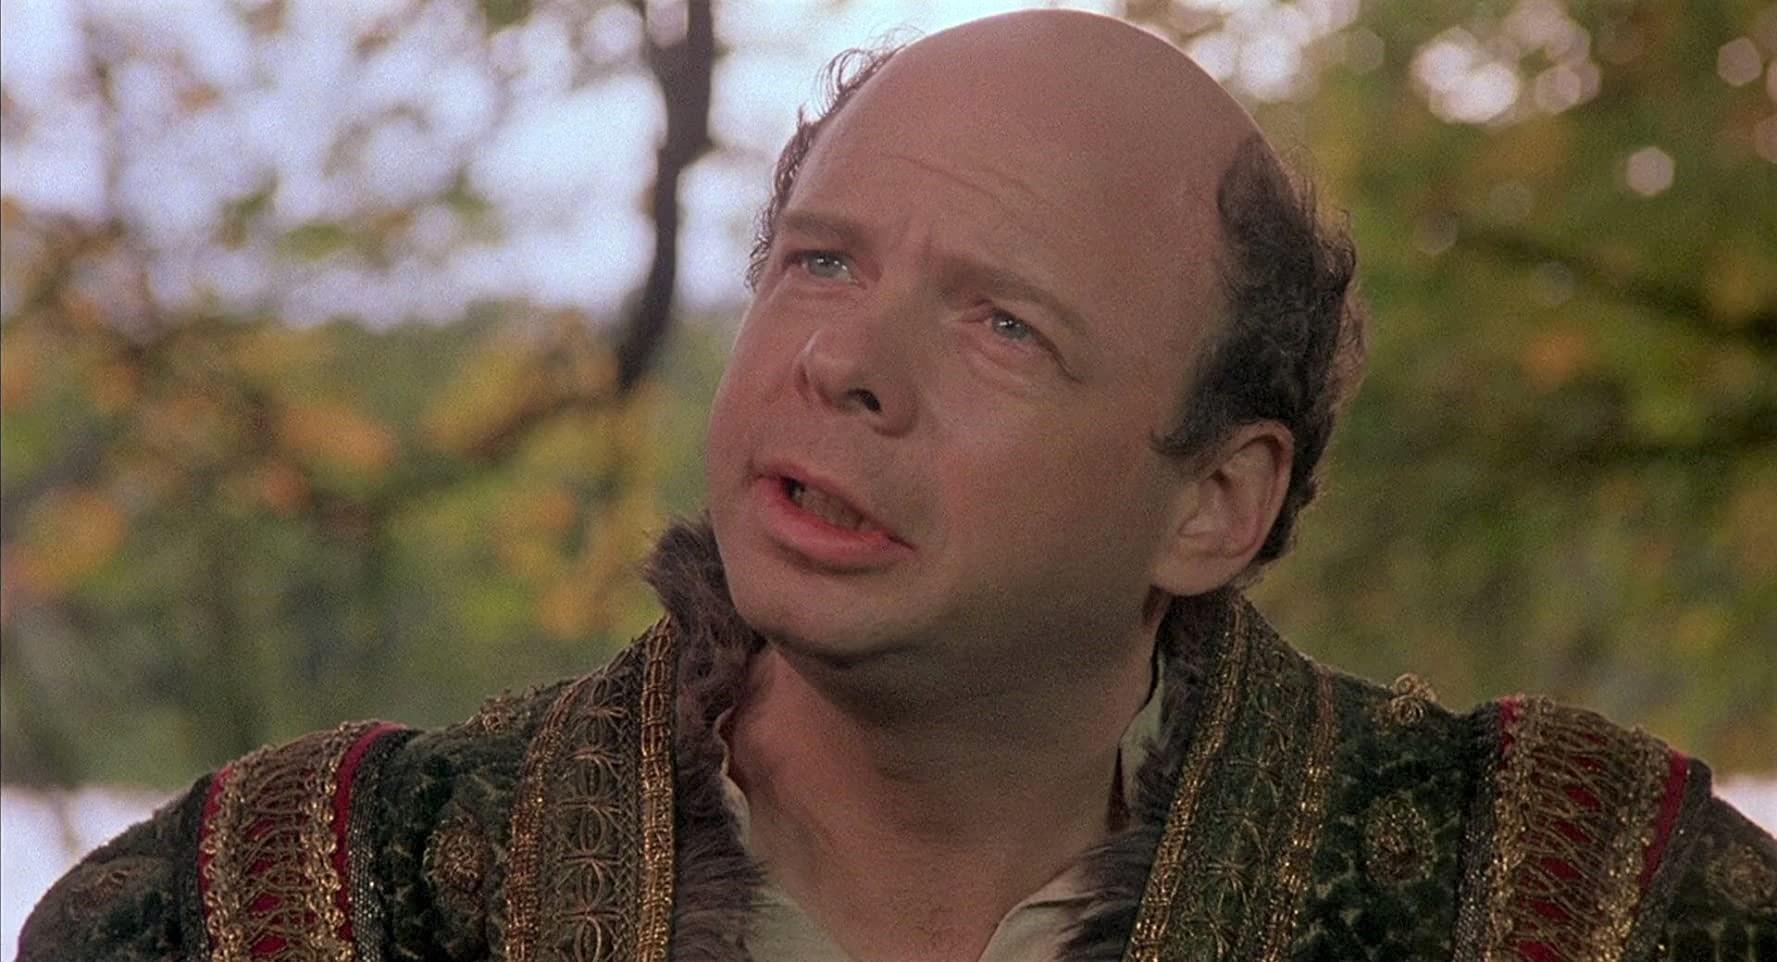 La Storia Fantastica: il ruolo di Vizzini doveva essere di Danny DeVito e Wallace Shawn era molto nervoso